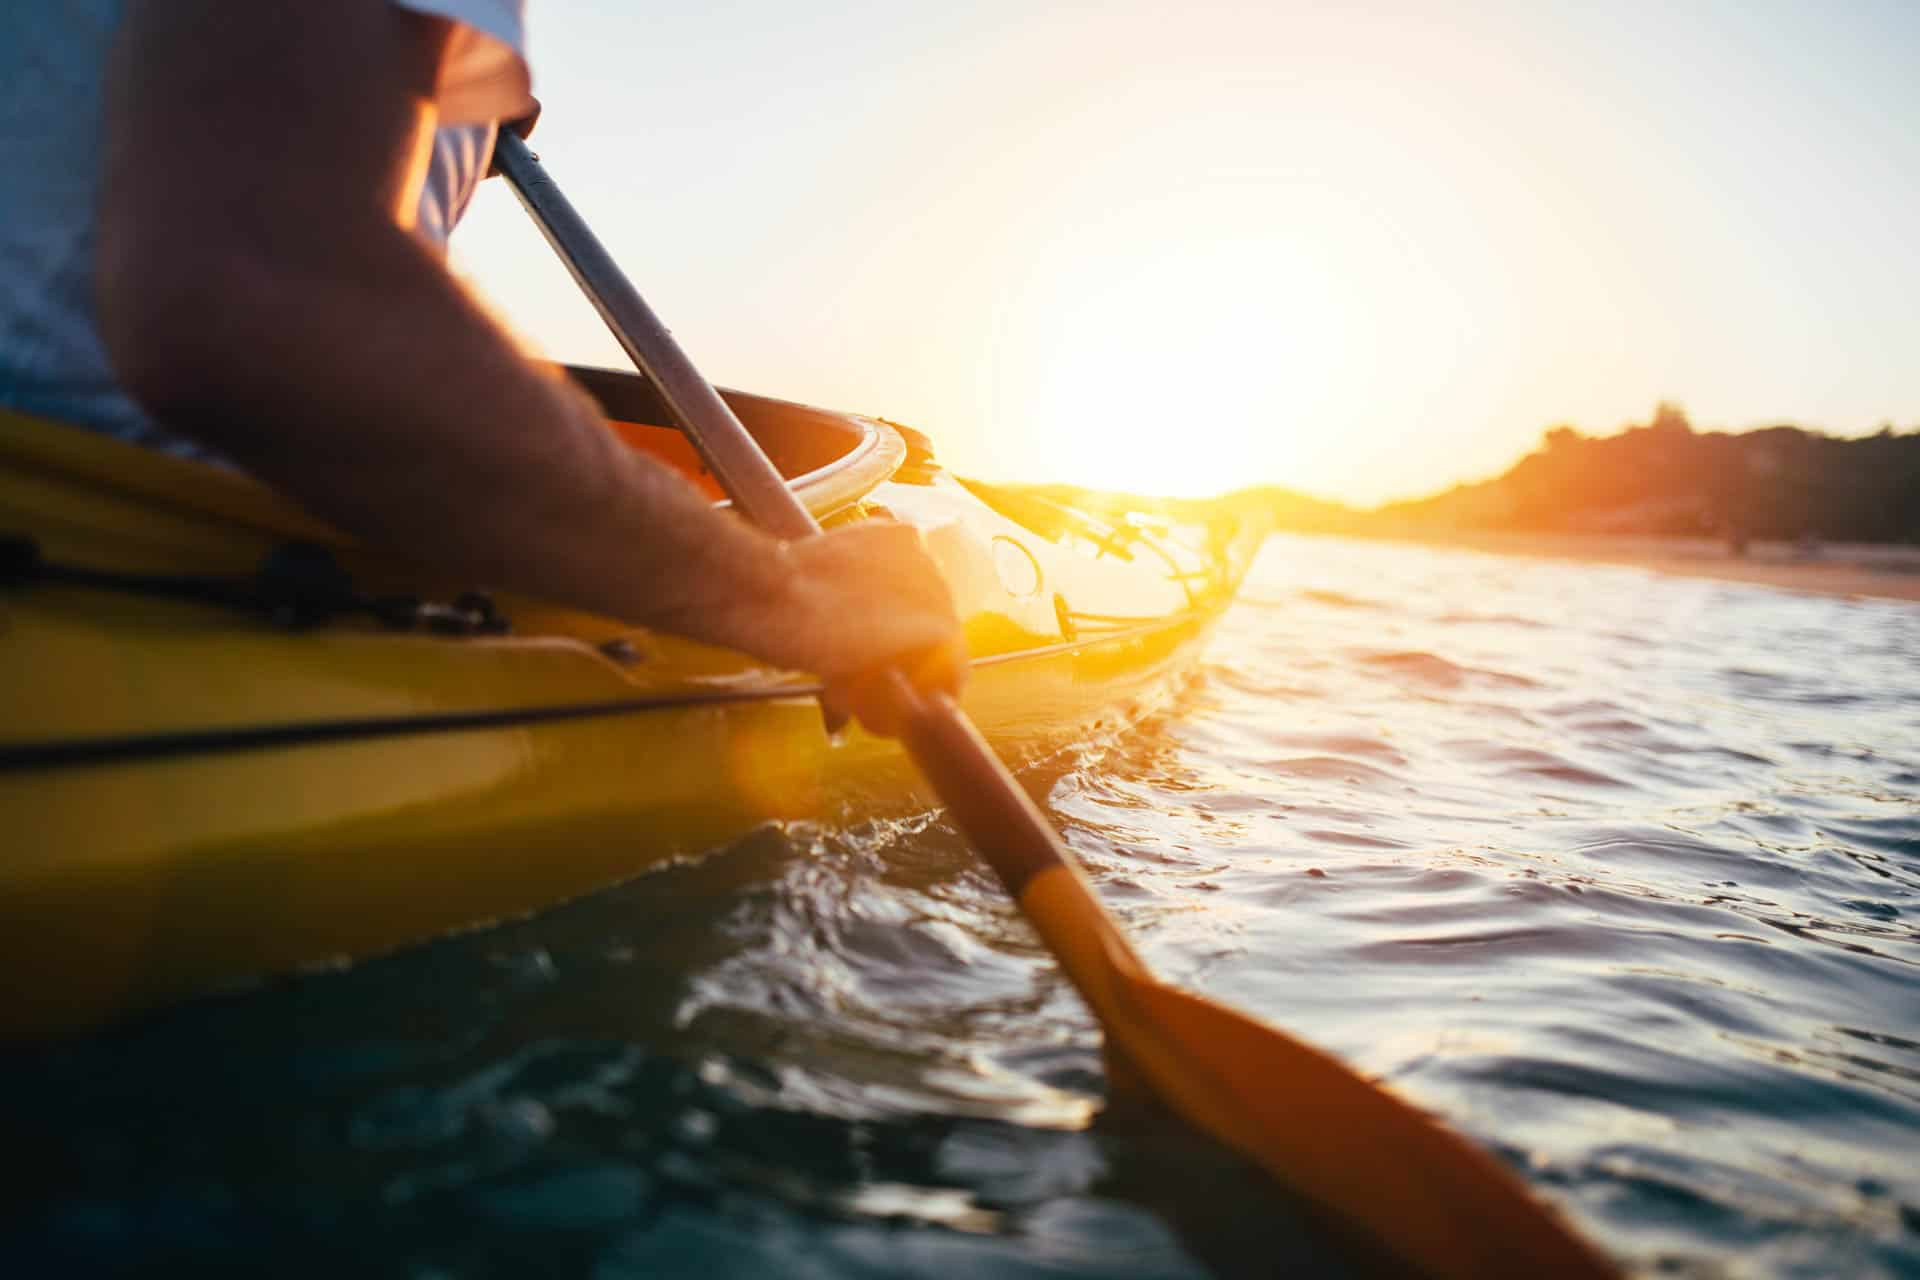 Paddling the kayak